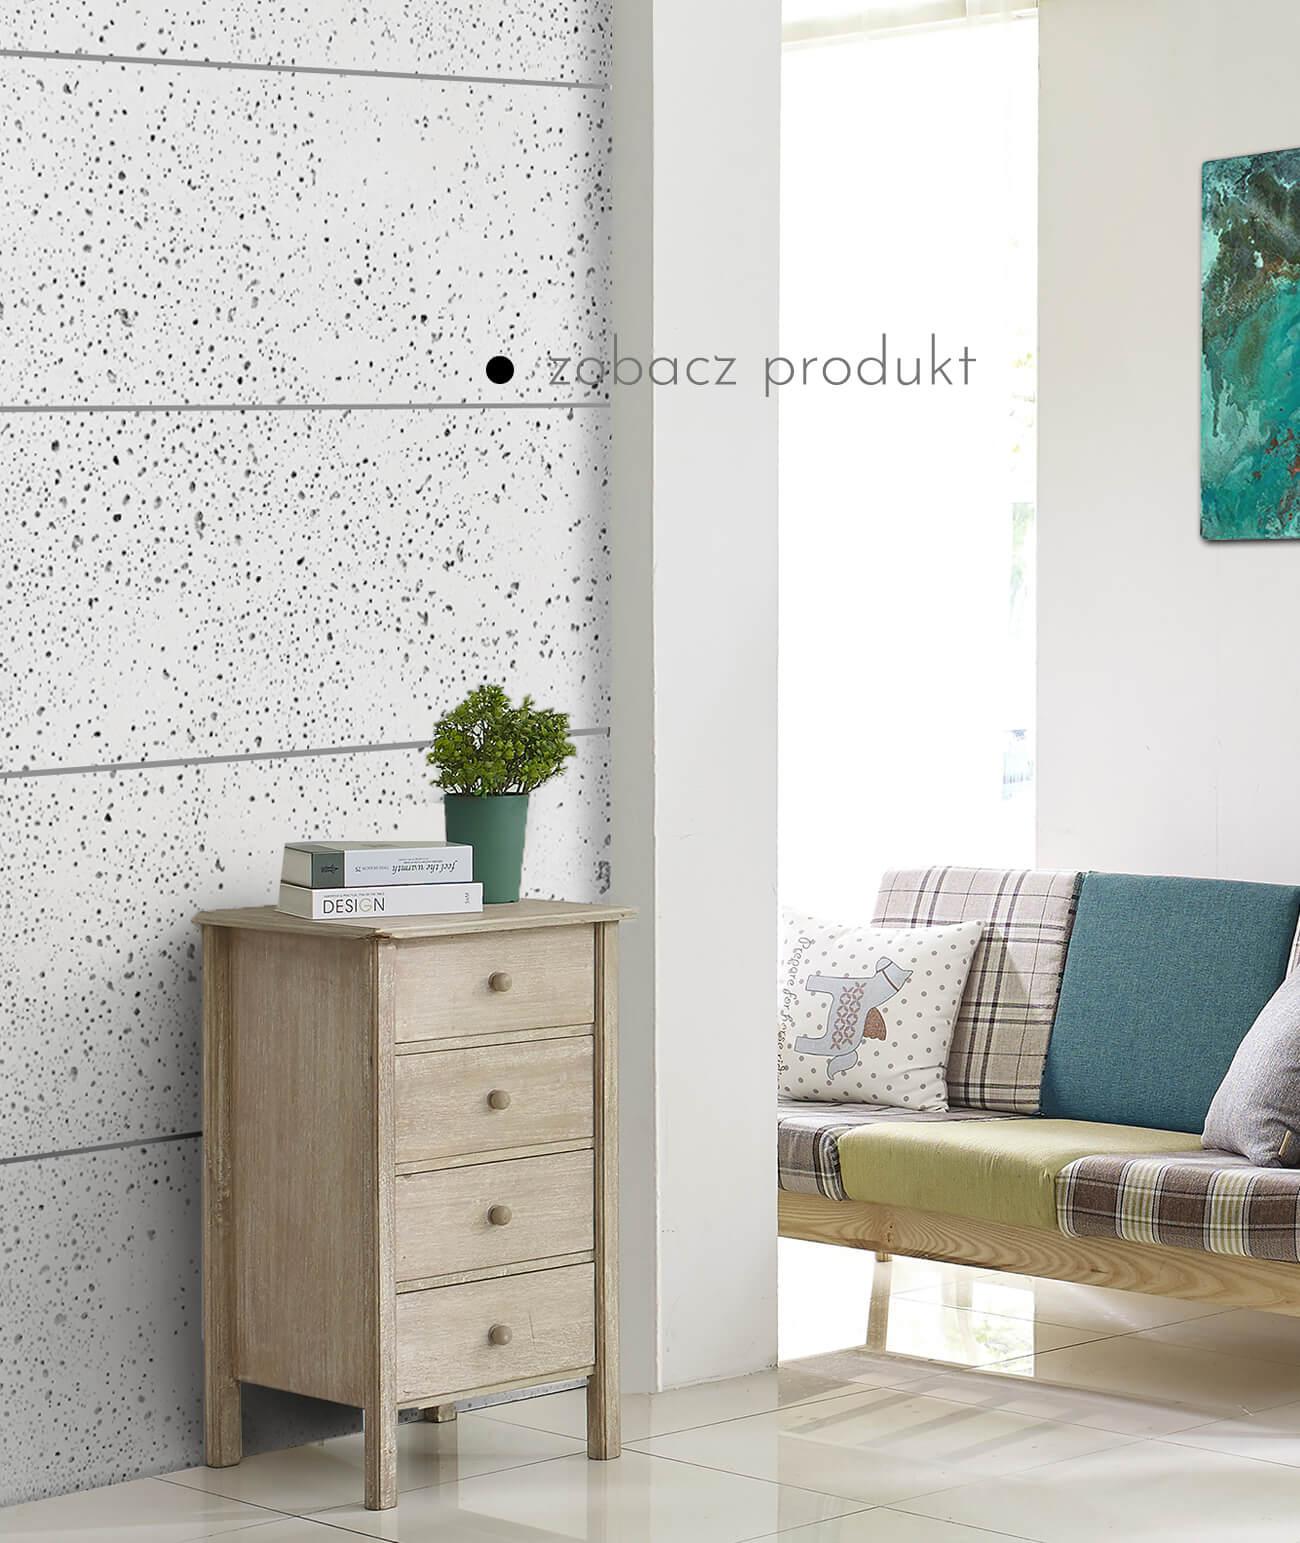 plyty-betonowe-scienne-i-elewacyjne-beton-architektoniczny_1114-24090-ds-bialy---plyta-beton-architektoniczny-grc-rozne-wymiary-ultralekka